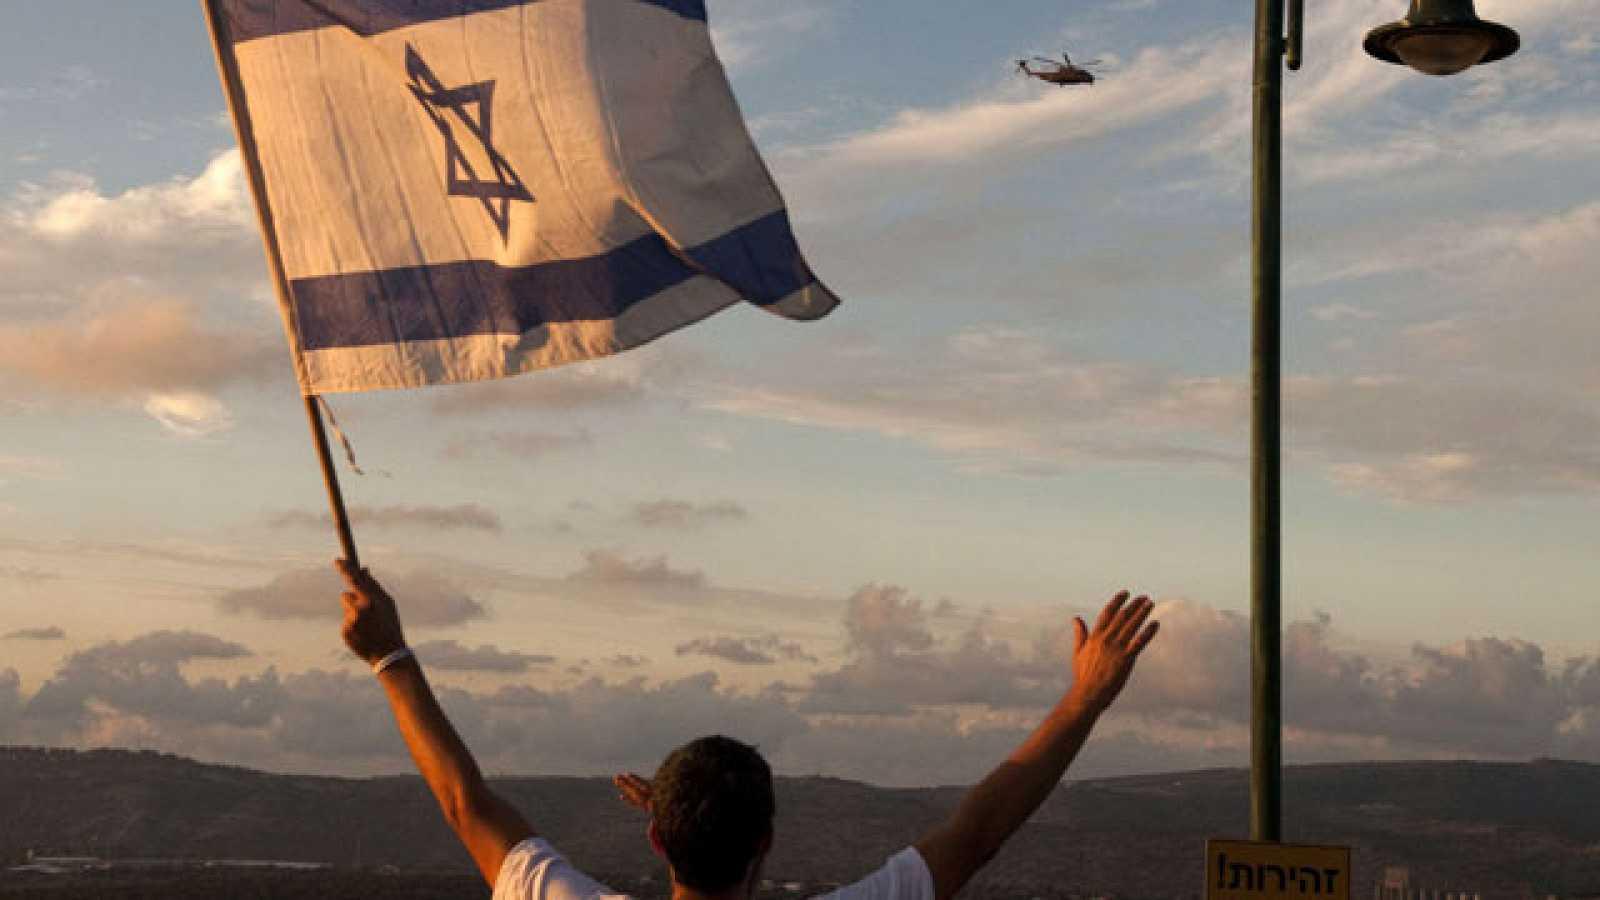 El soldado Gilad Shalit ha llegado a su localidad natal, al norte del país, donde ha sido recibido con emoción por sus vecinos y amigos.